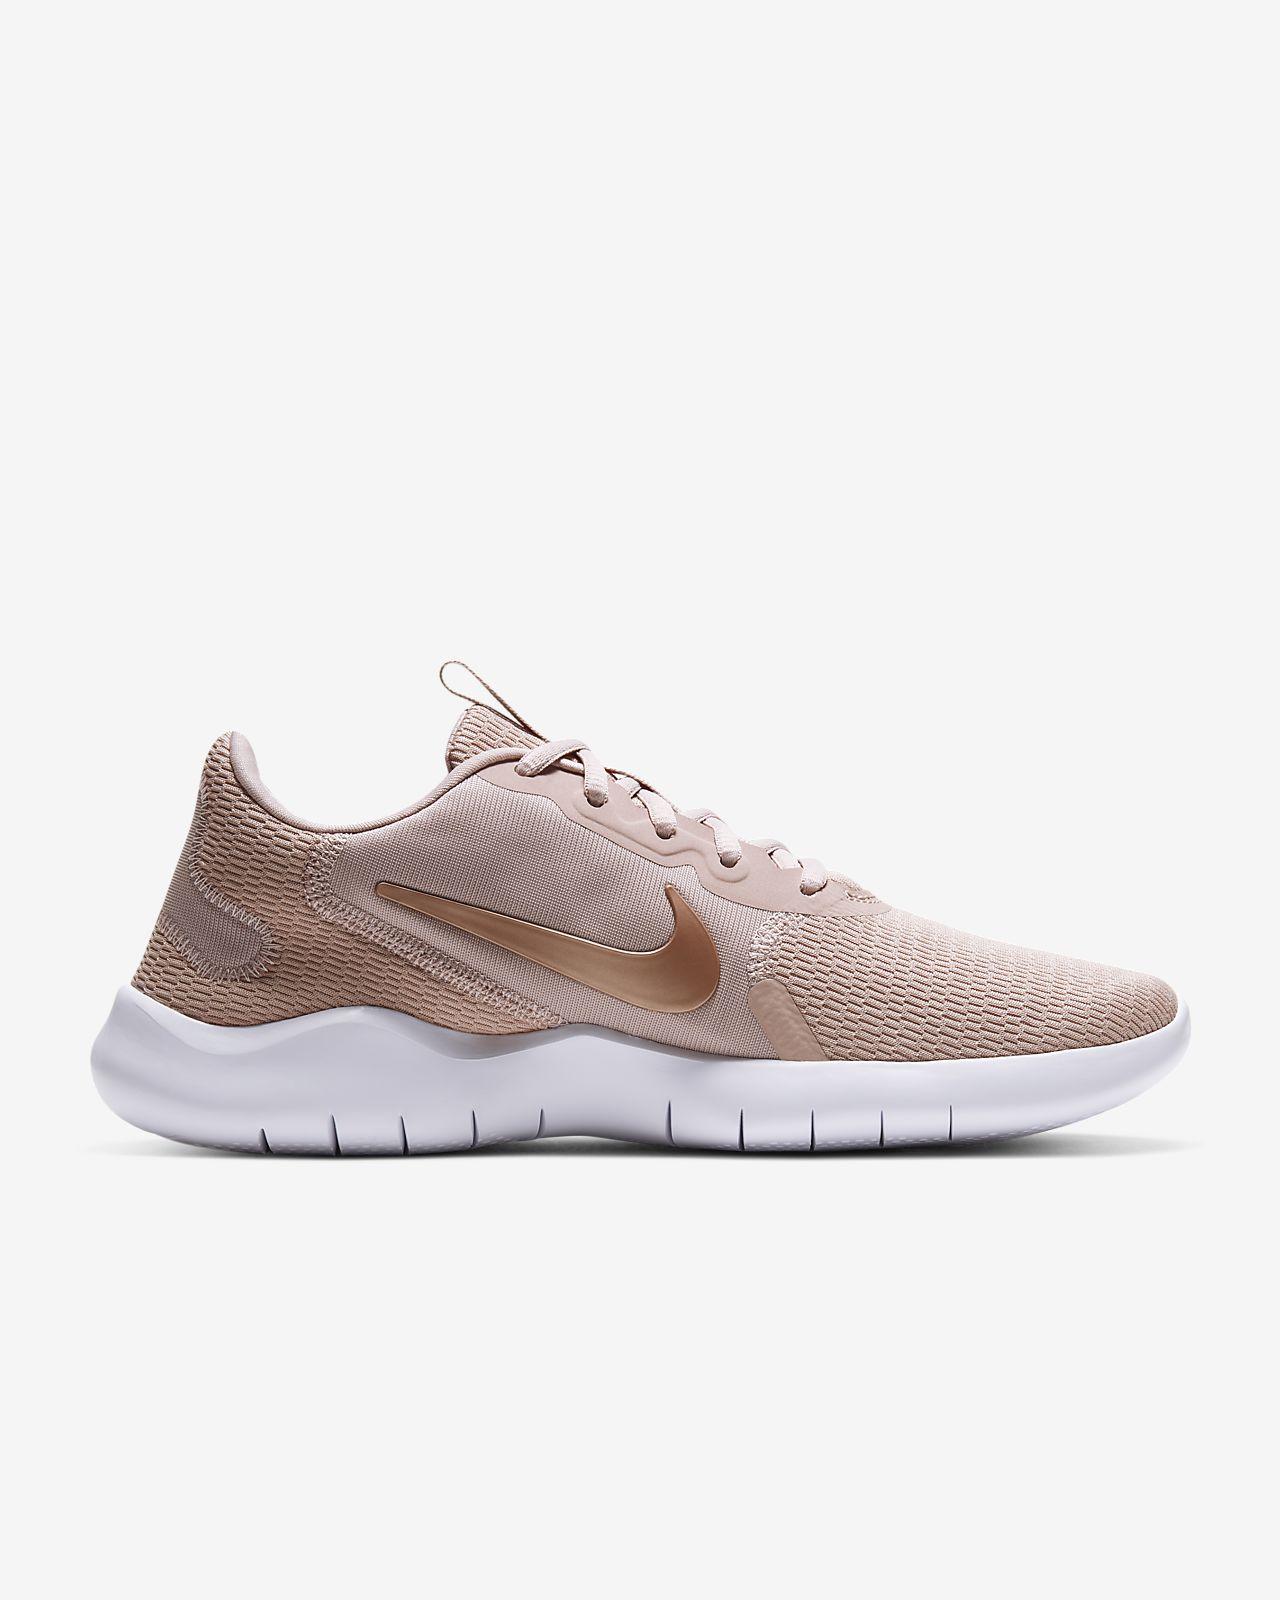 precios de remate hermosa y encantadora recogido Nike Flex Experience Run 9 Women's Running Shoe. Nike LU